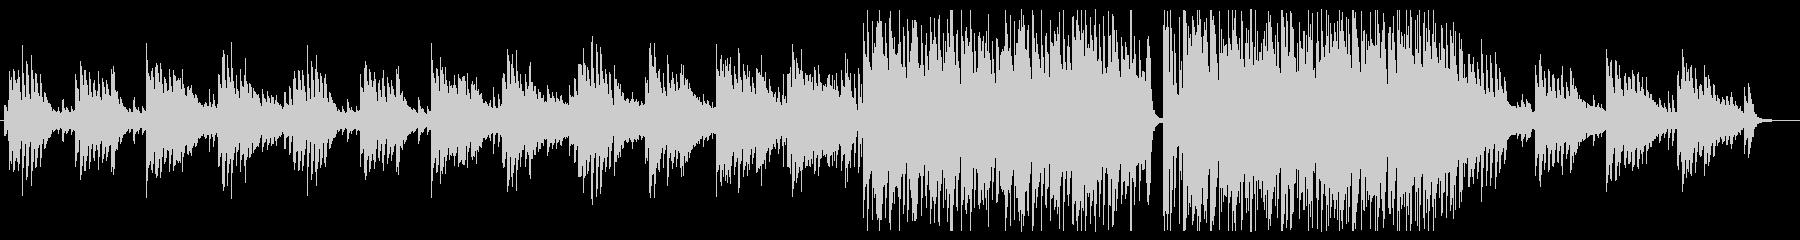 ピアノのメロディーが切ない曲の未再生の波形